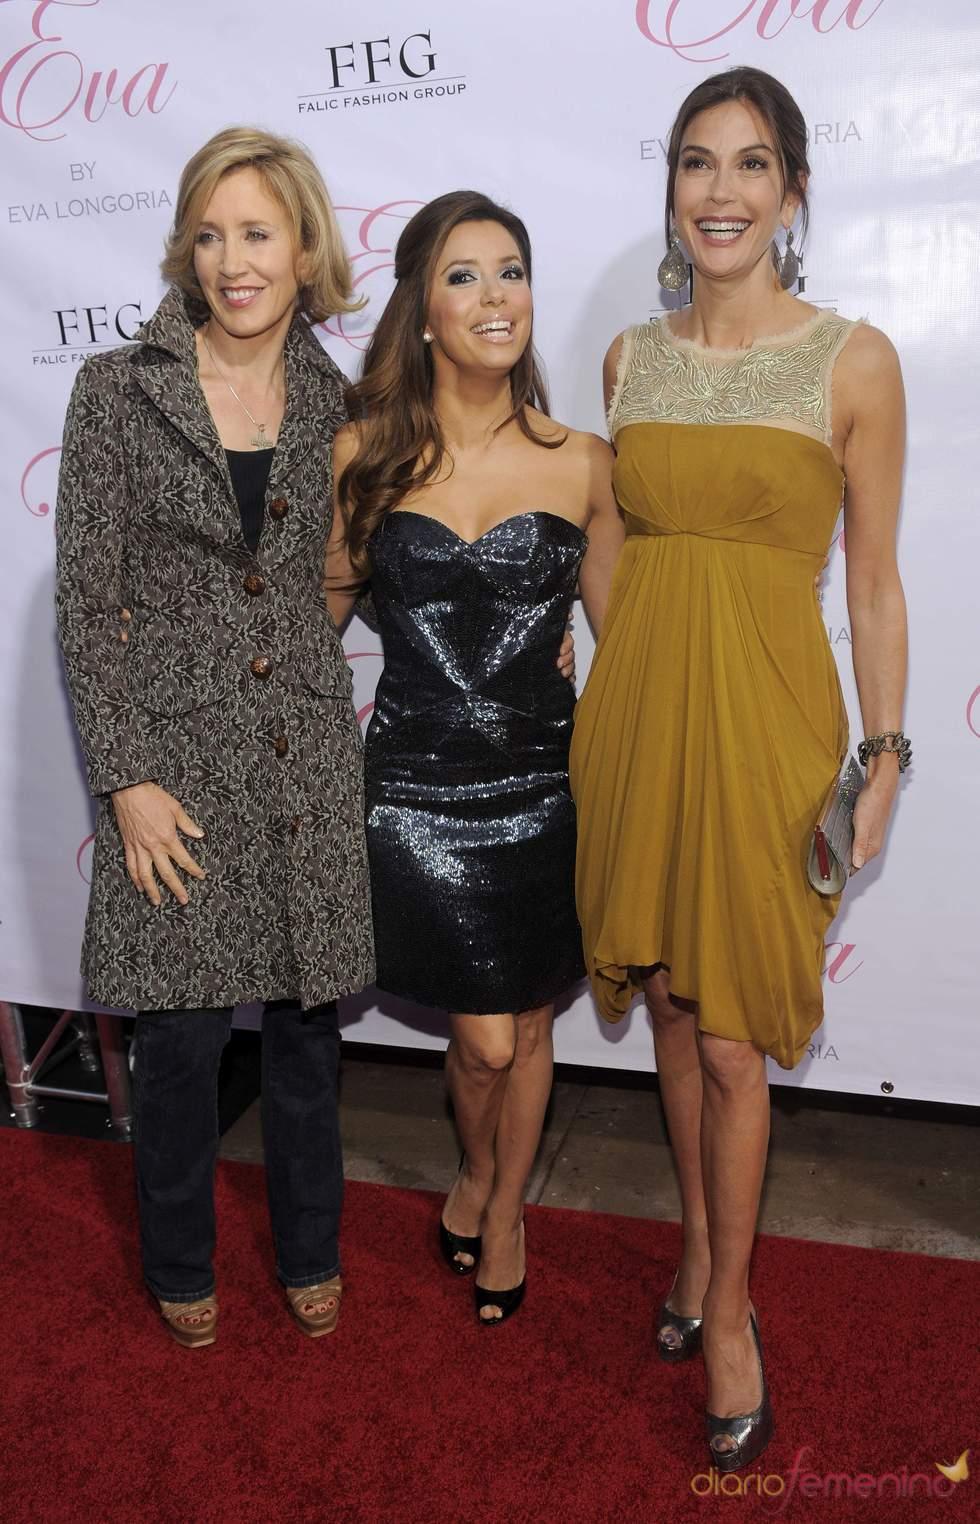 Las actrices de 'Mujeres desesperadas' en el lanzamiento de la fragancia 'Eva'